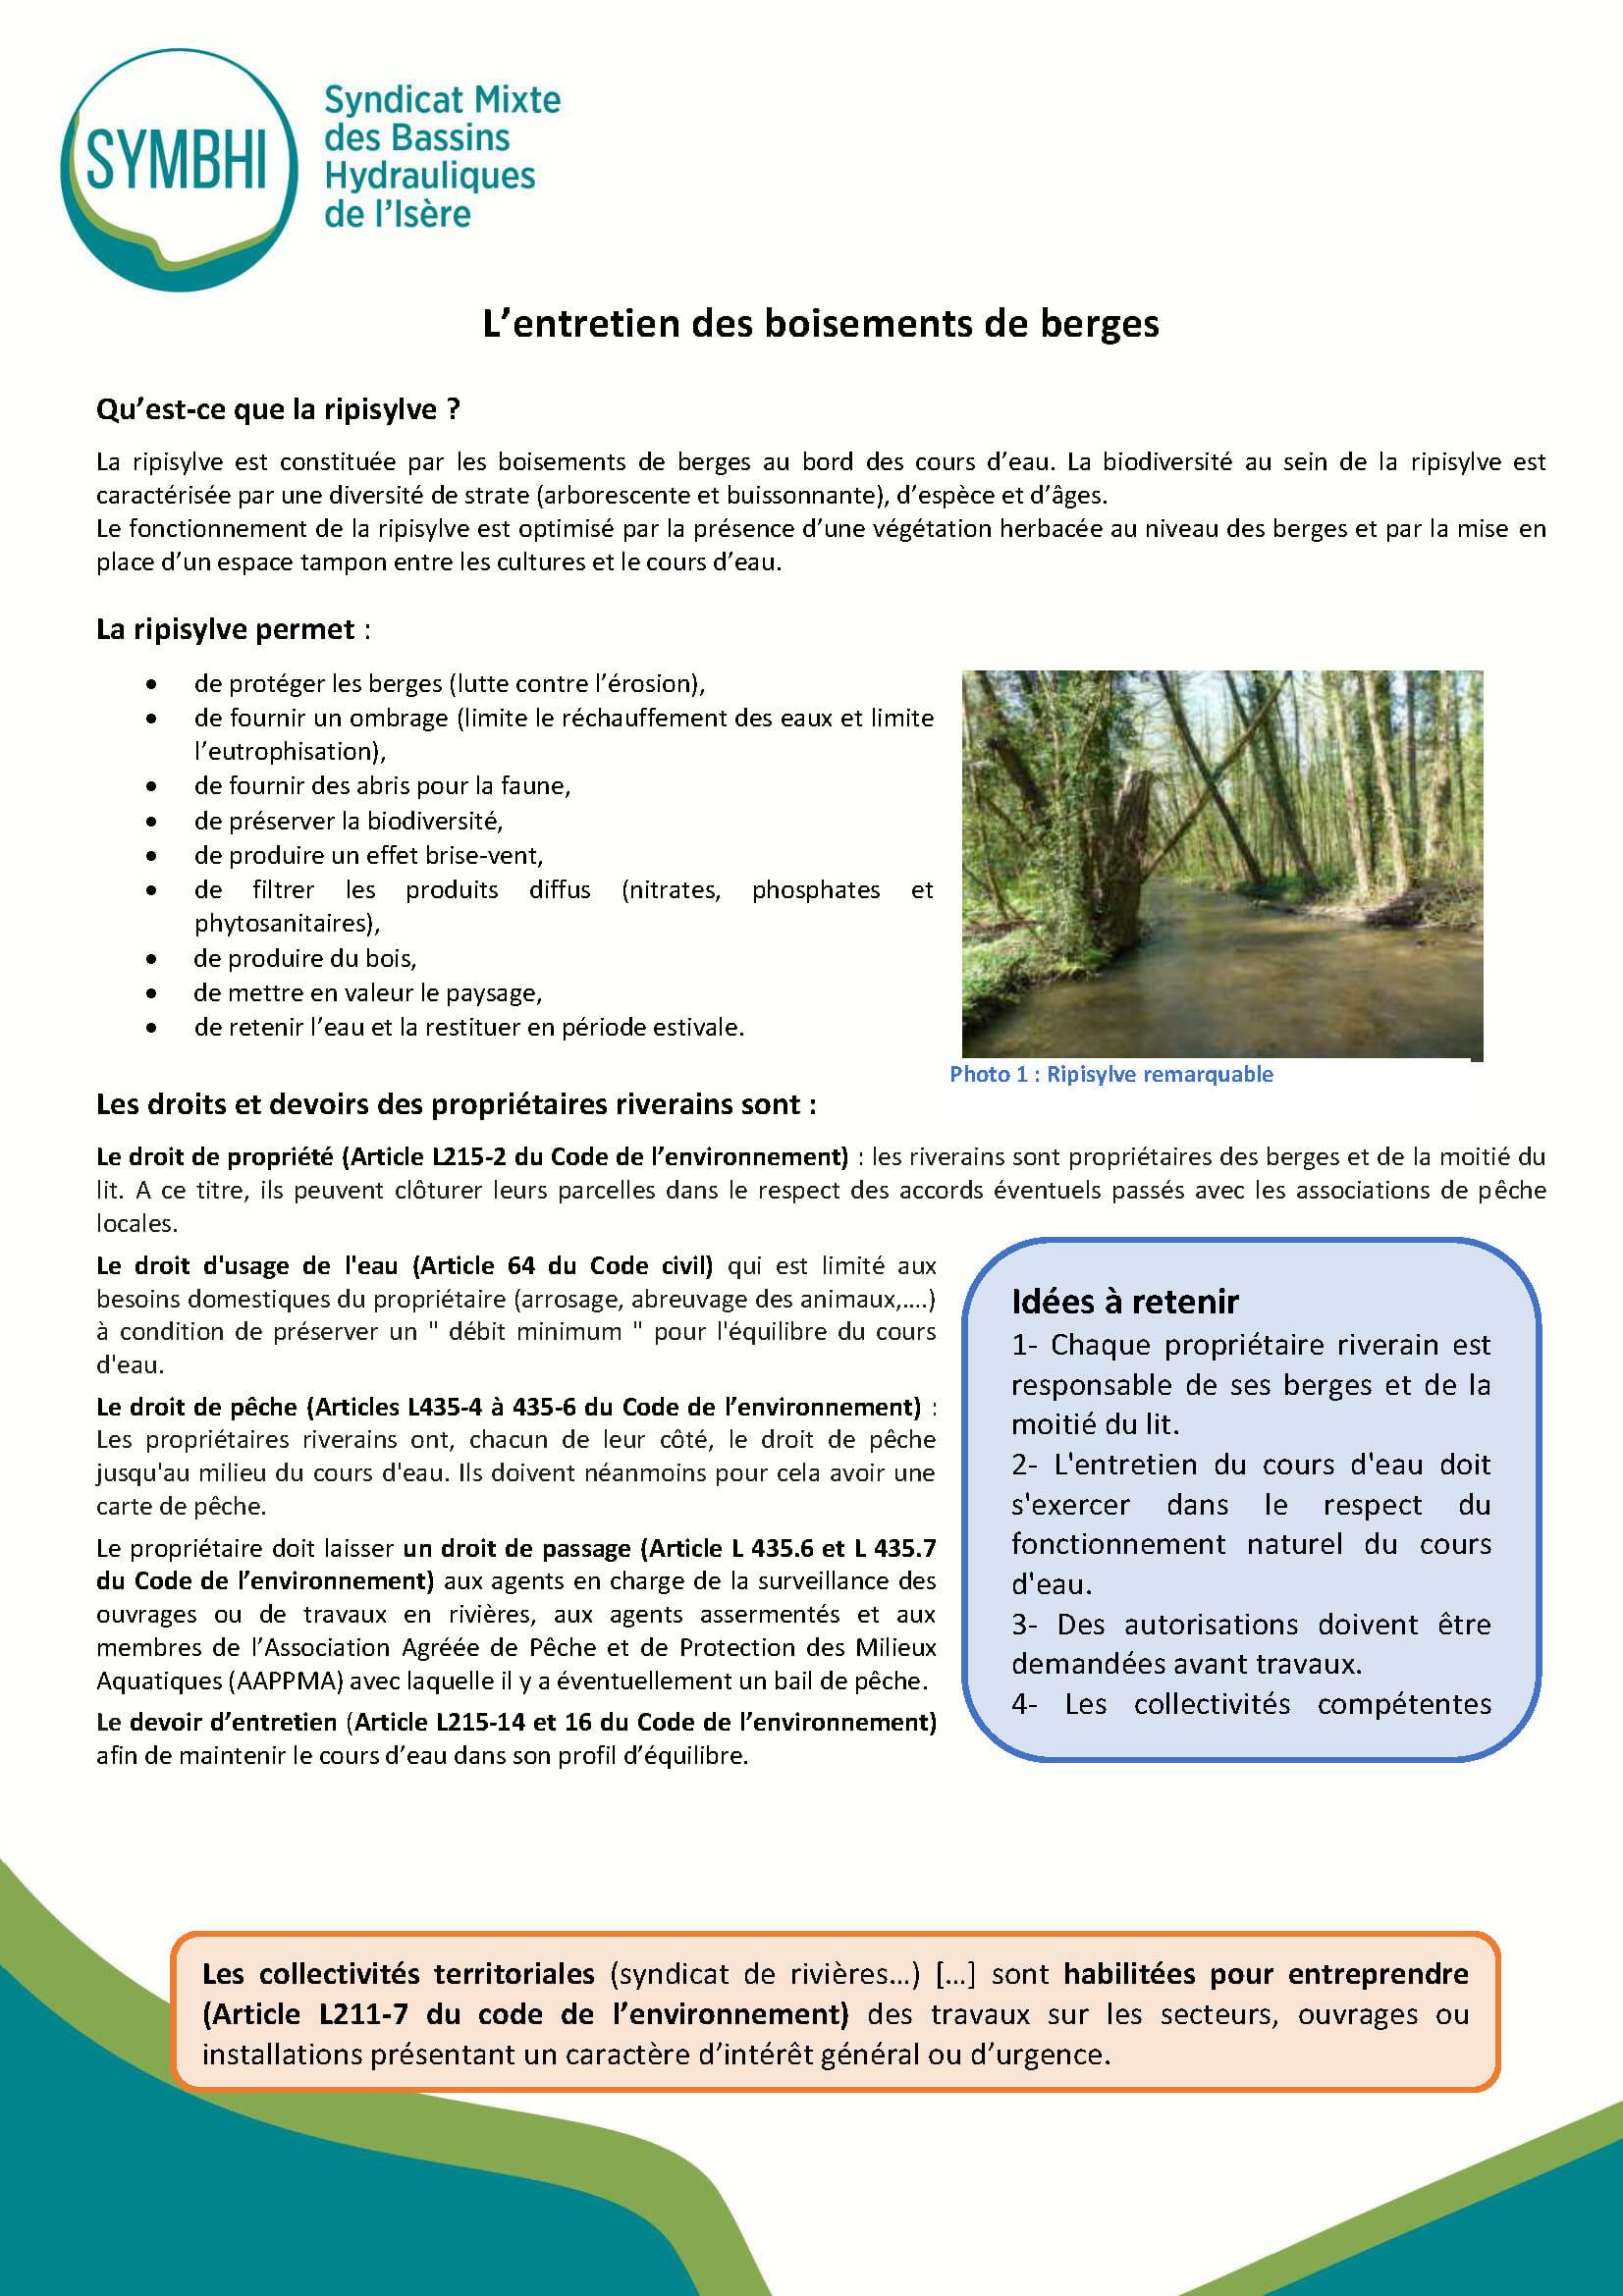 brochure-d-information-sur-l-entretien-des-boisements-de-berges-unite-territoriale-voironnais